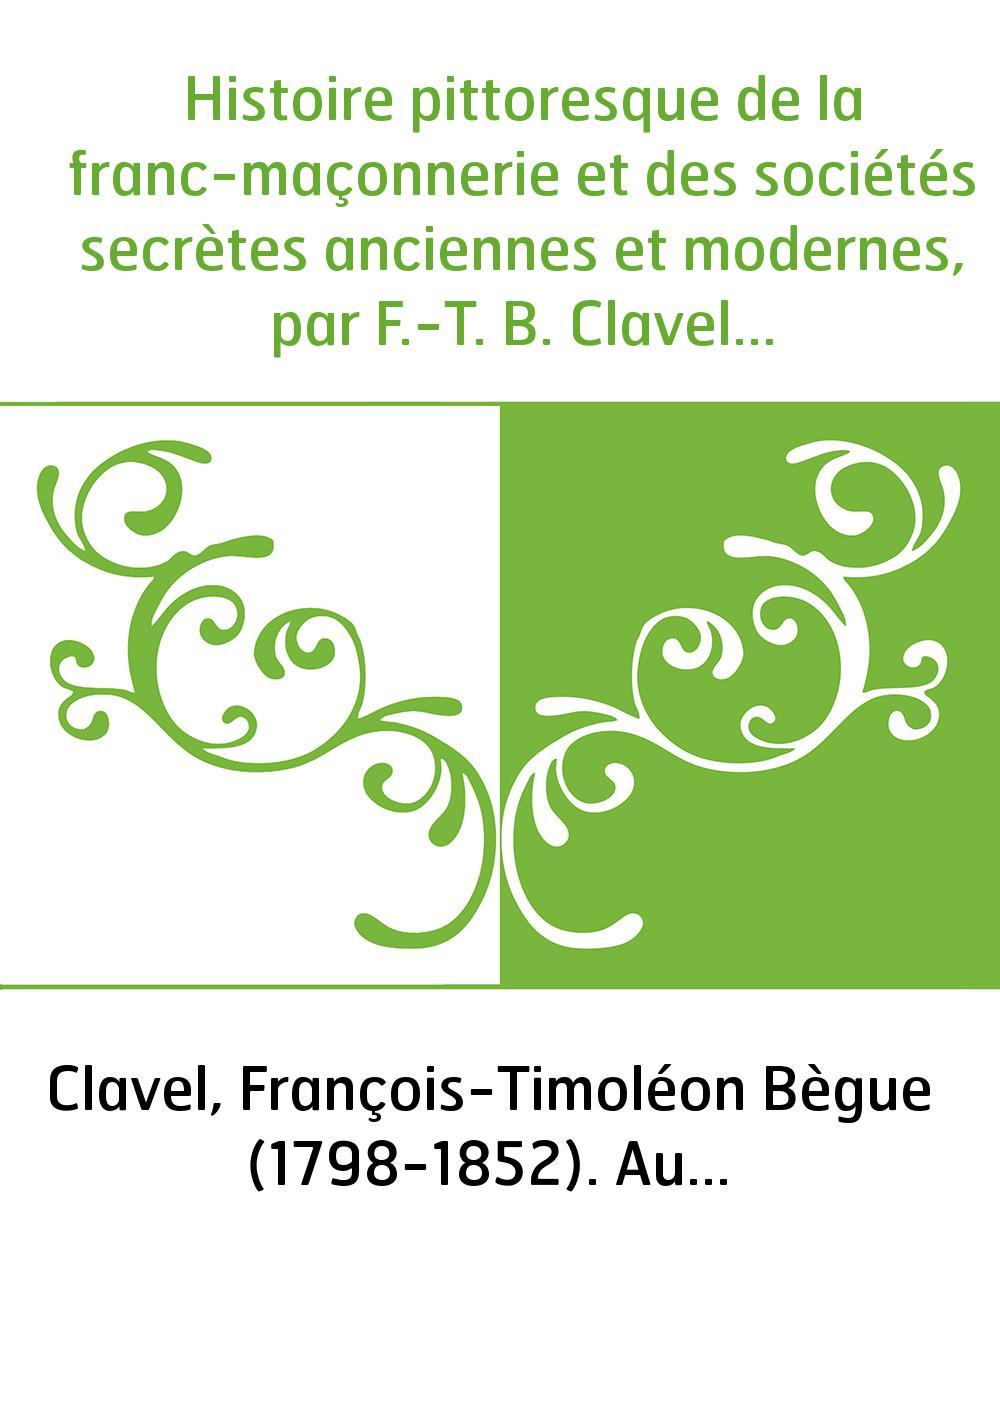 Histoire pittoresque de la franc-maçonnerie et des sociétés secrètes anciennes et modernes, par F.-T. B. Clavel...